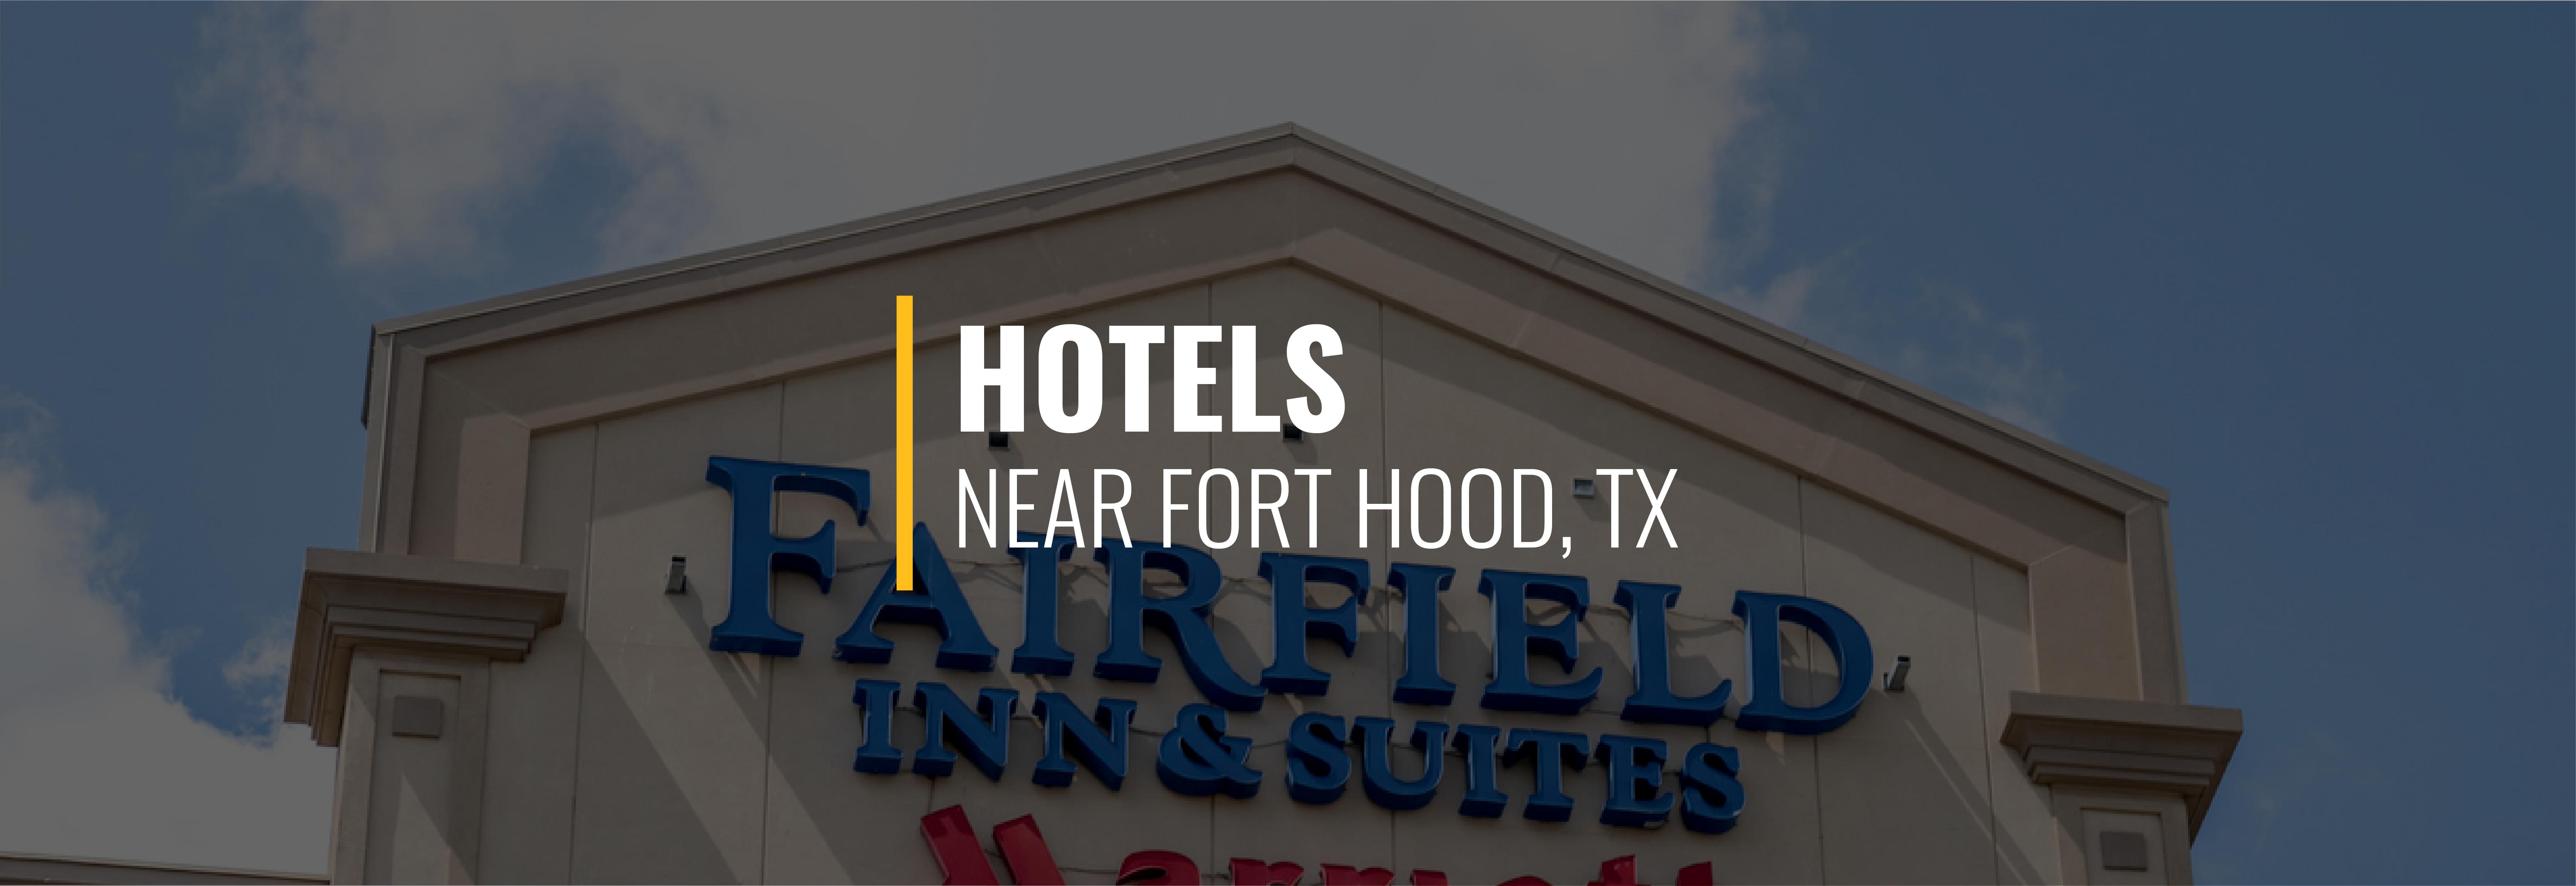 Fort Hood Hotels